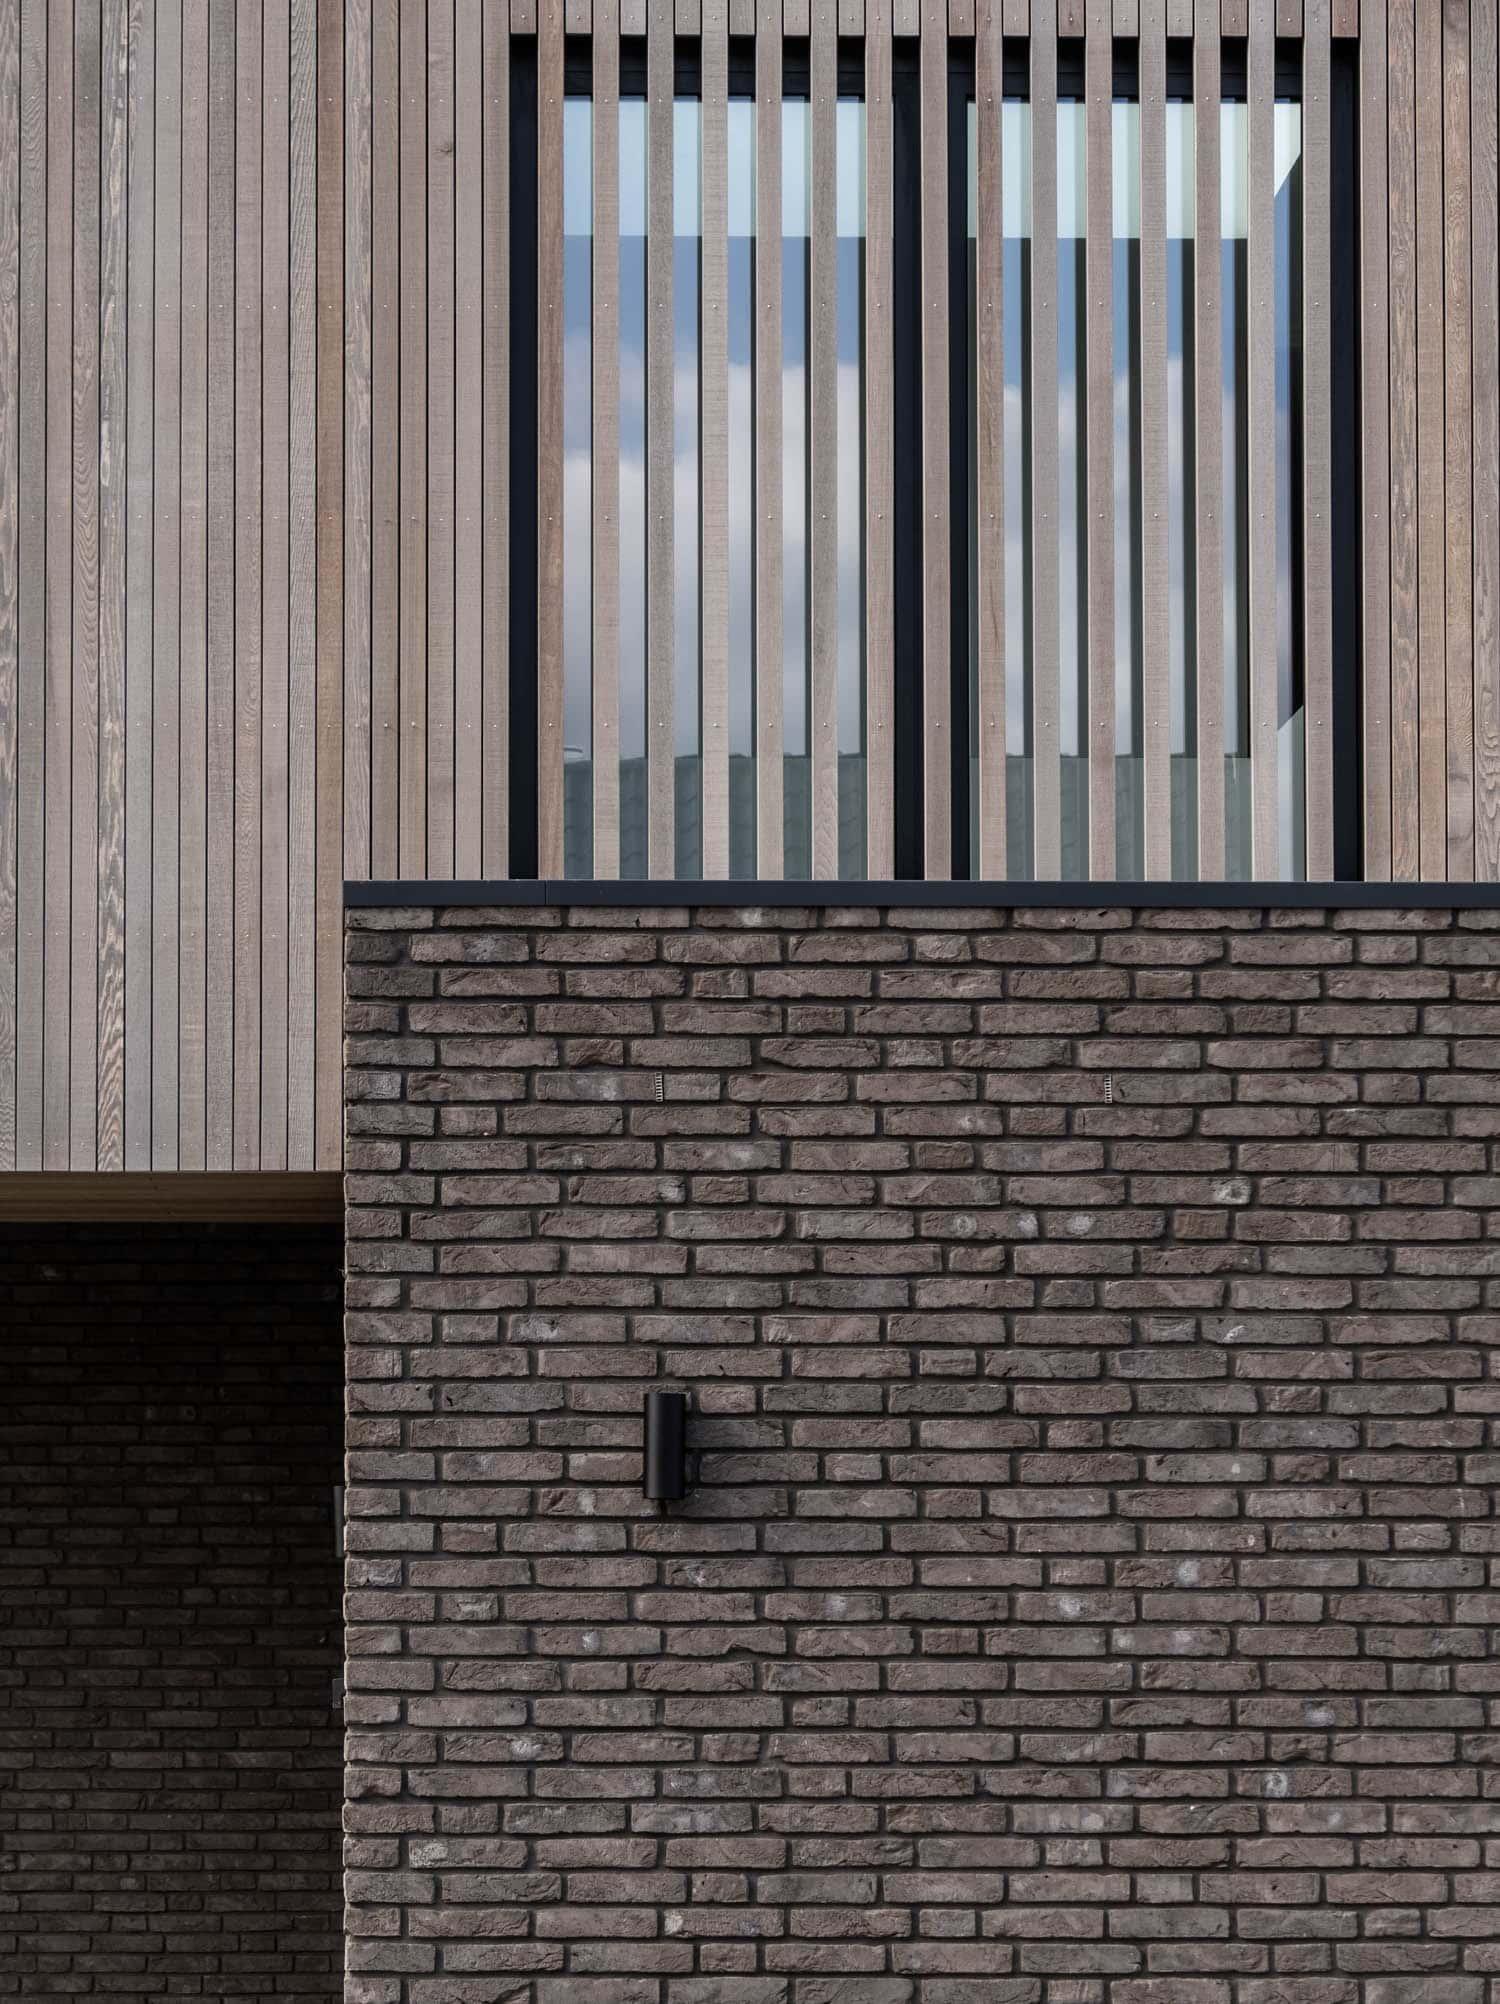 van-Os-architecten-nieuwbouw-woning-Westergouw-Teteringen-moderne-vrijstaande-villa-aluminium-kozijn-achter-houten-gevelbelatting